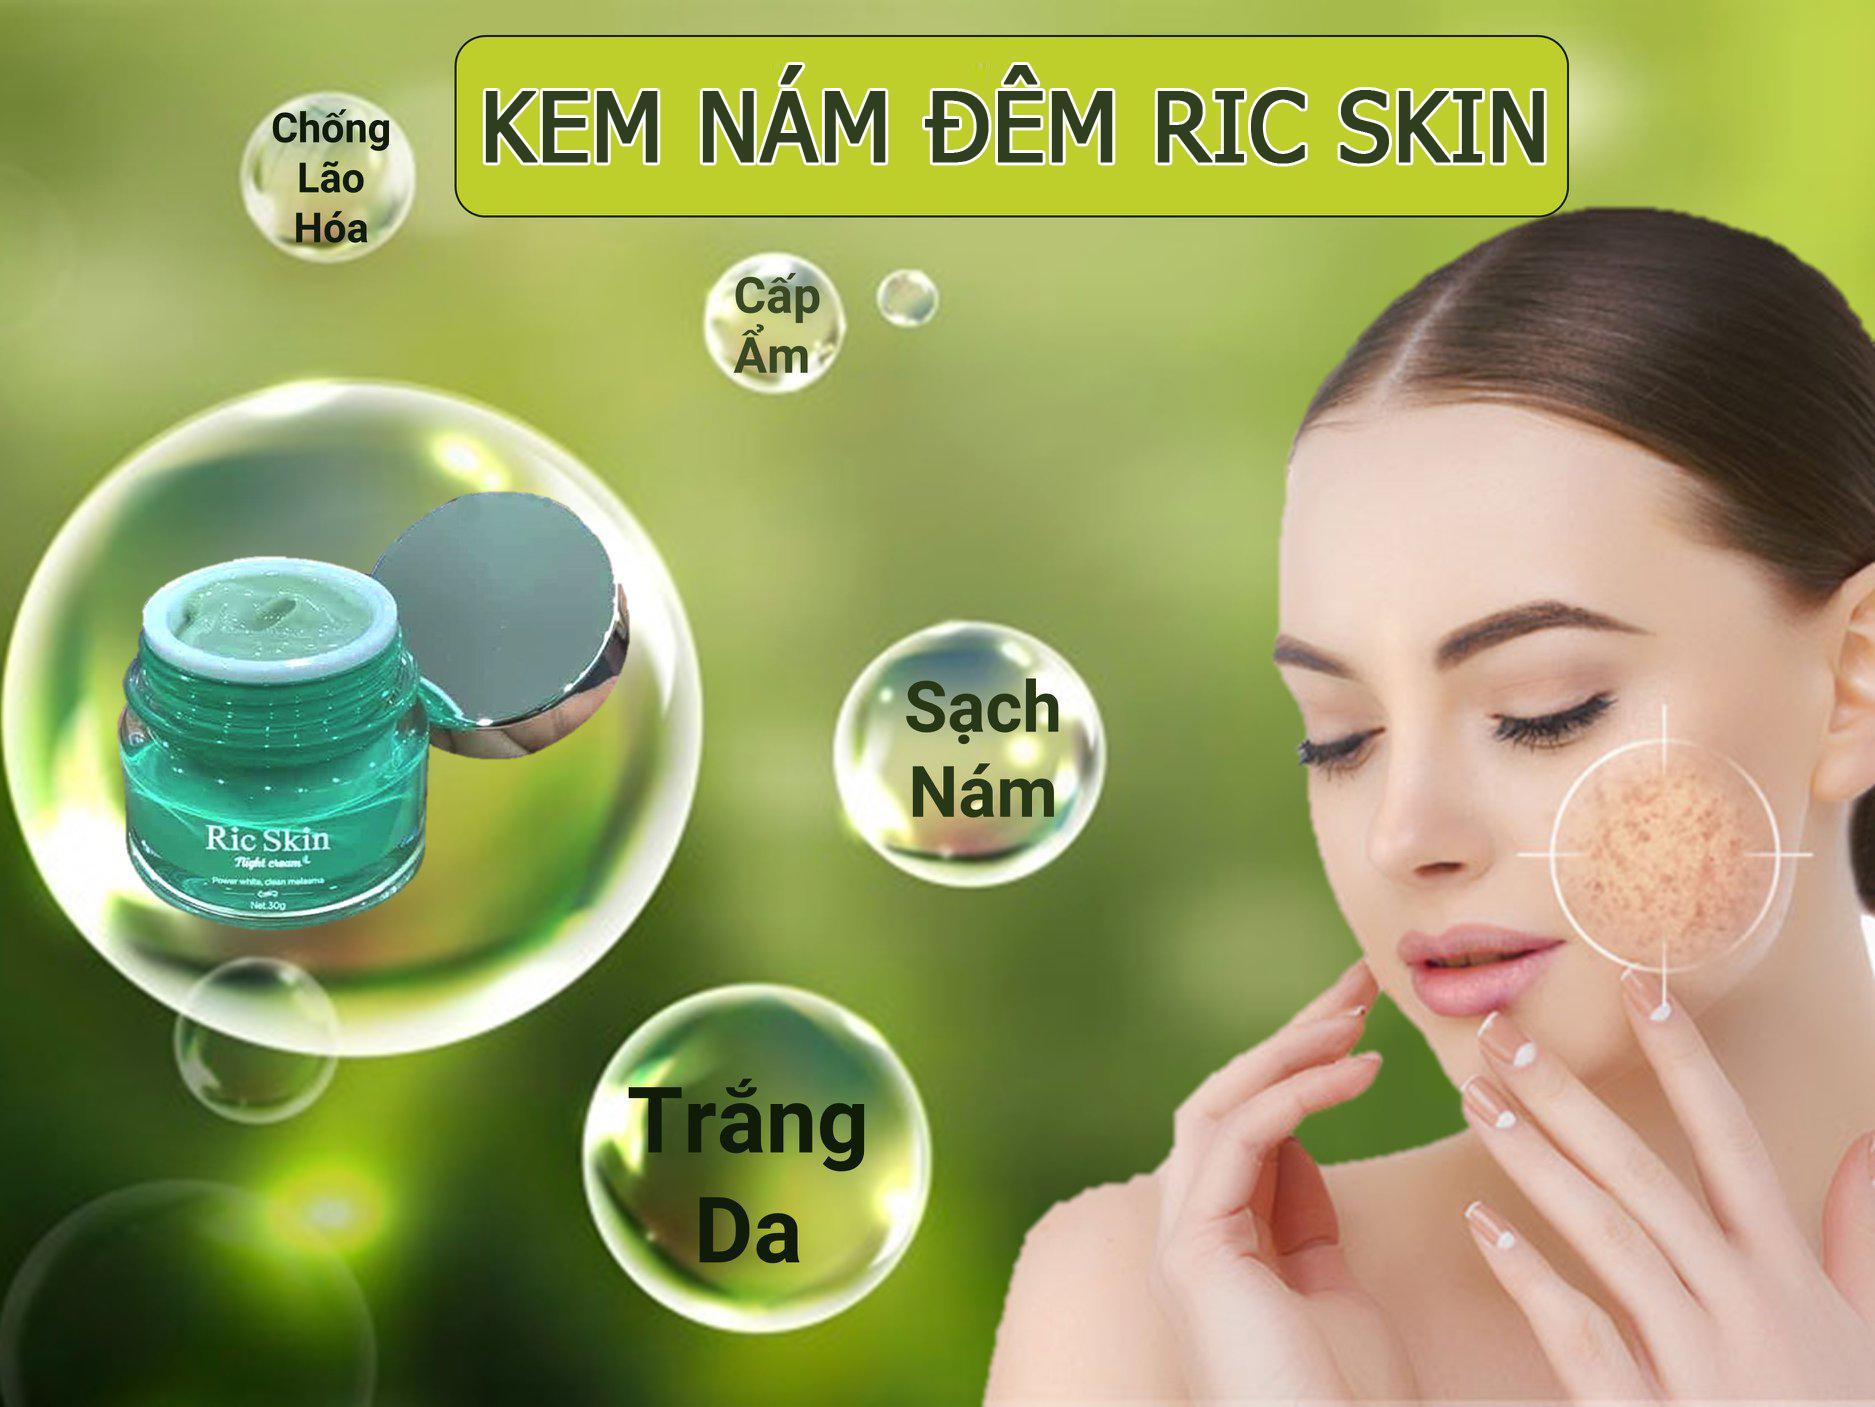 Kem Nám Đêm Ric Skin Kohinoor 30Gr, Giải Pháp Tối Ưu Cho Làn Da Sạm Nám